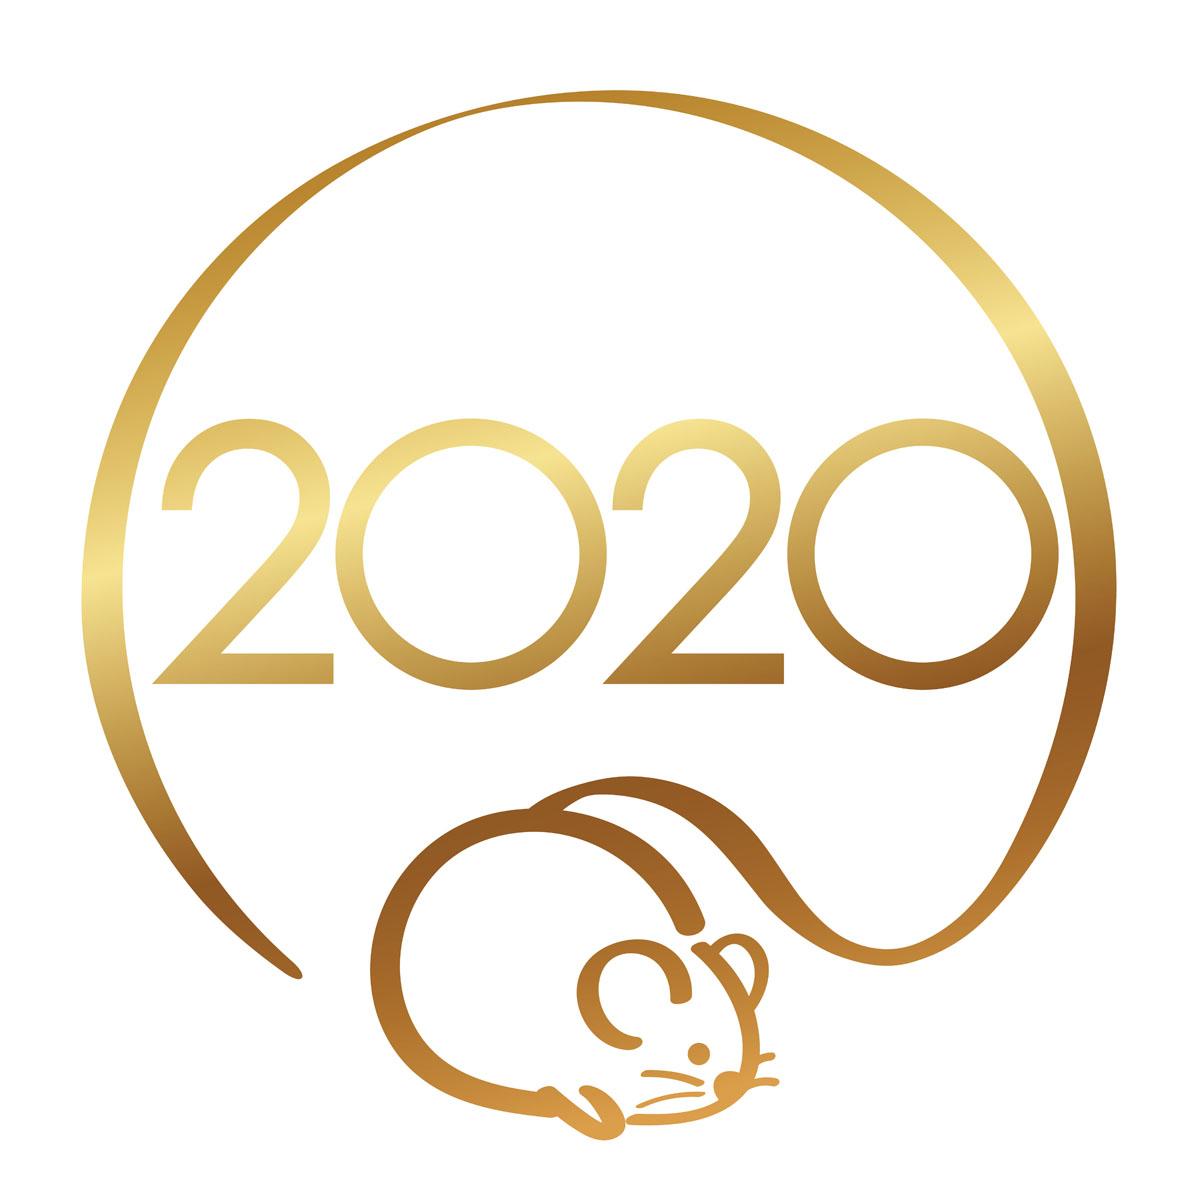 2020年も留学、インターン、ビザ申請手配はおまかせください!